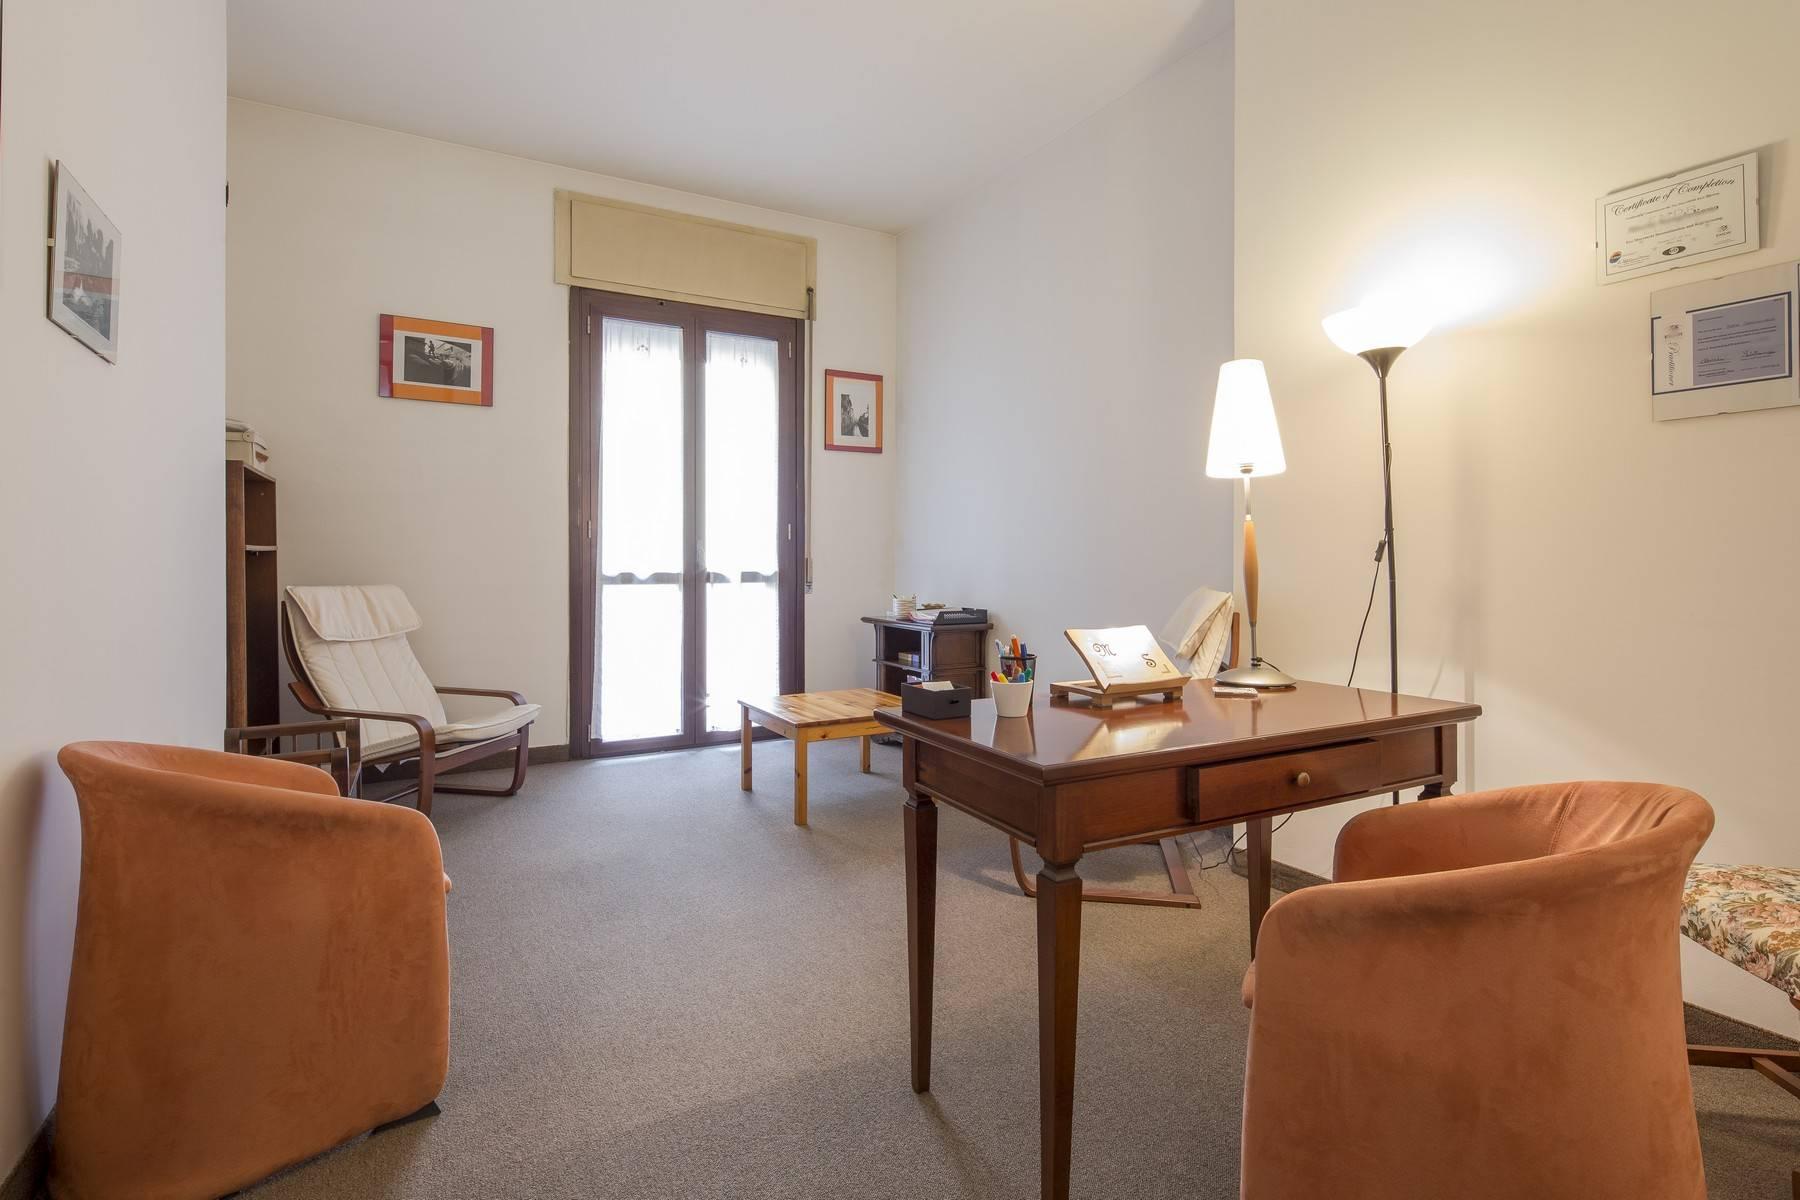 Appartamento in Vendita a Milano: 4 locali, 120 mq - Foto 6